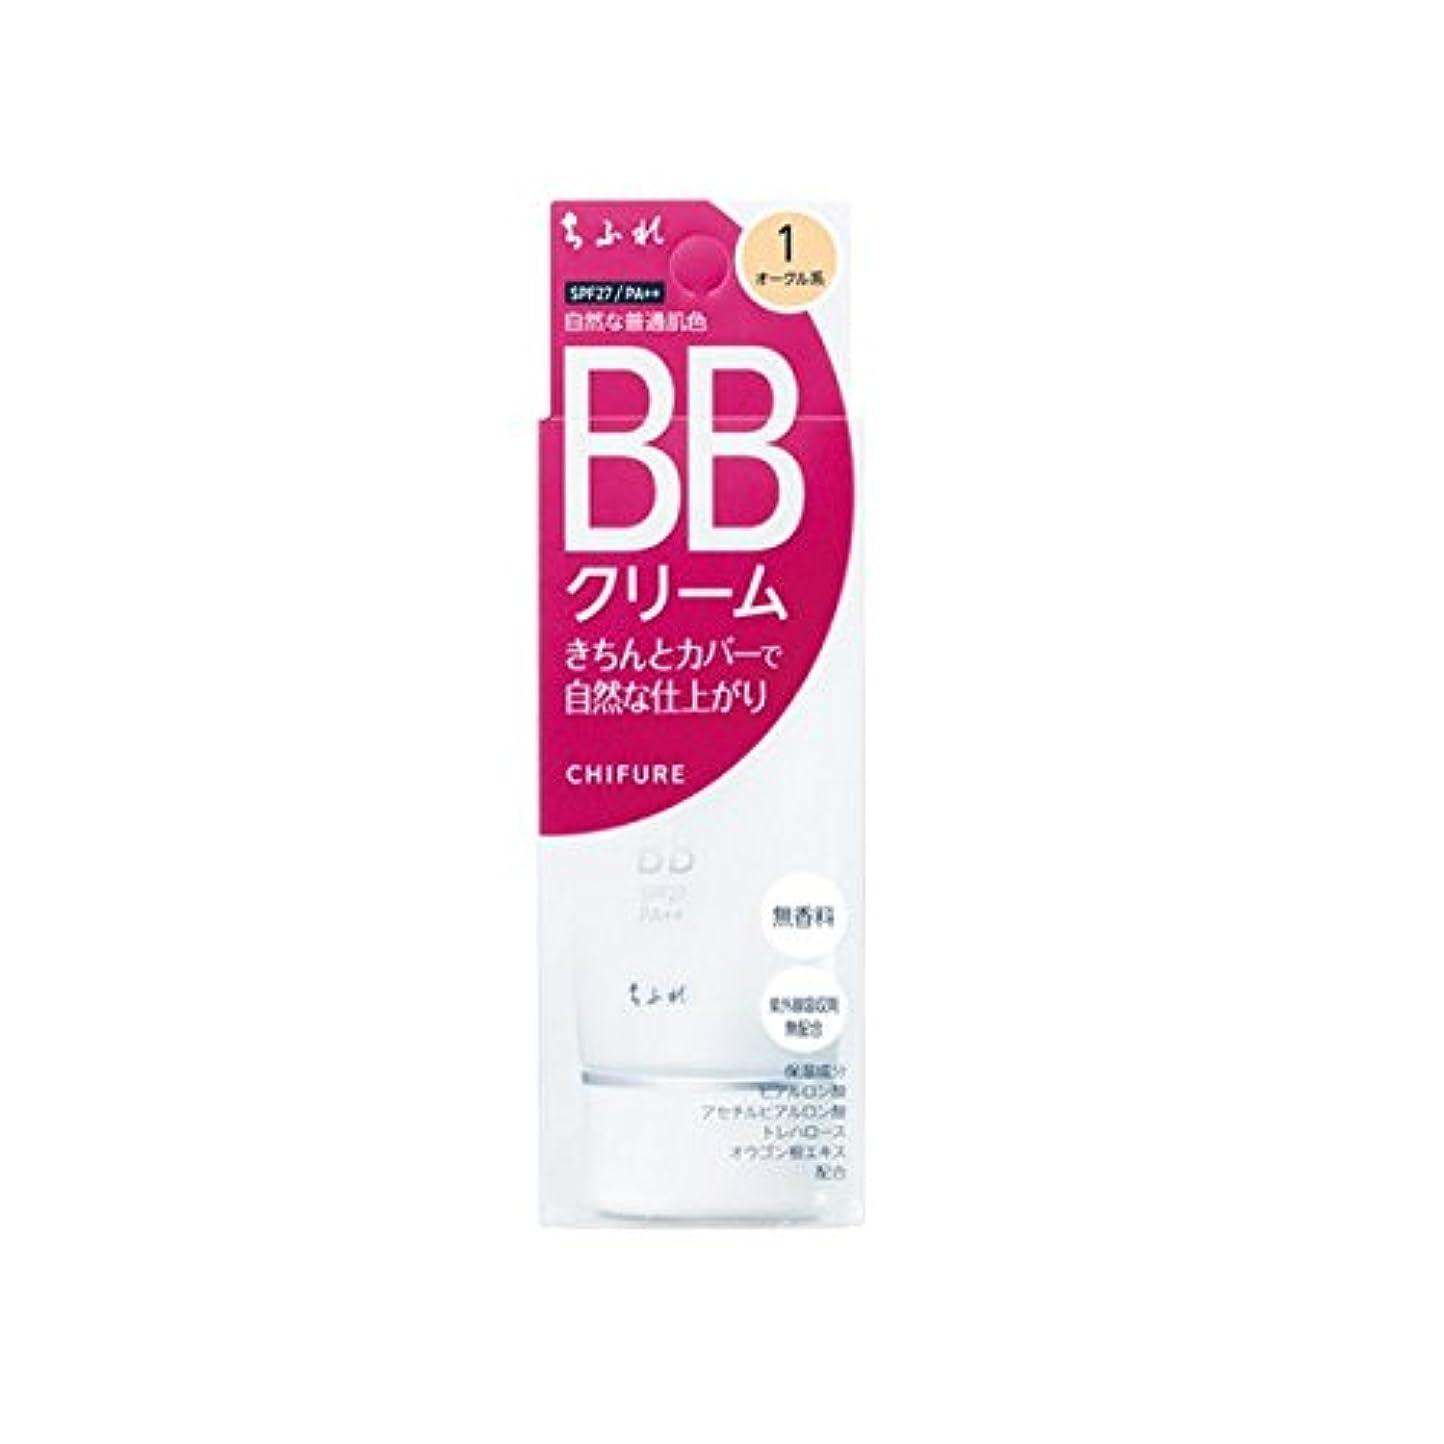 シングル海上瀬戸際ちふれ化粧品 BB クリーム 1 自然な普通肌色 BBクリーム 1